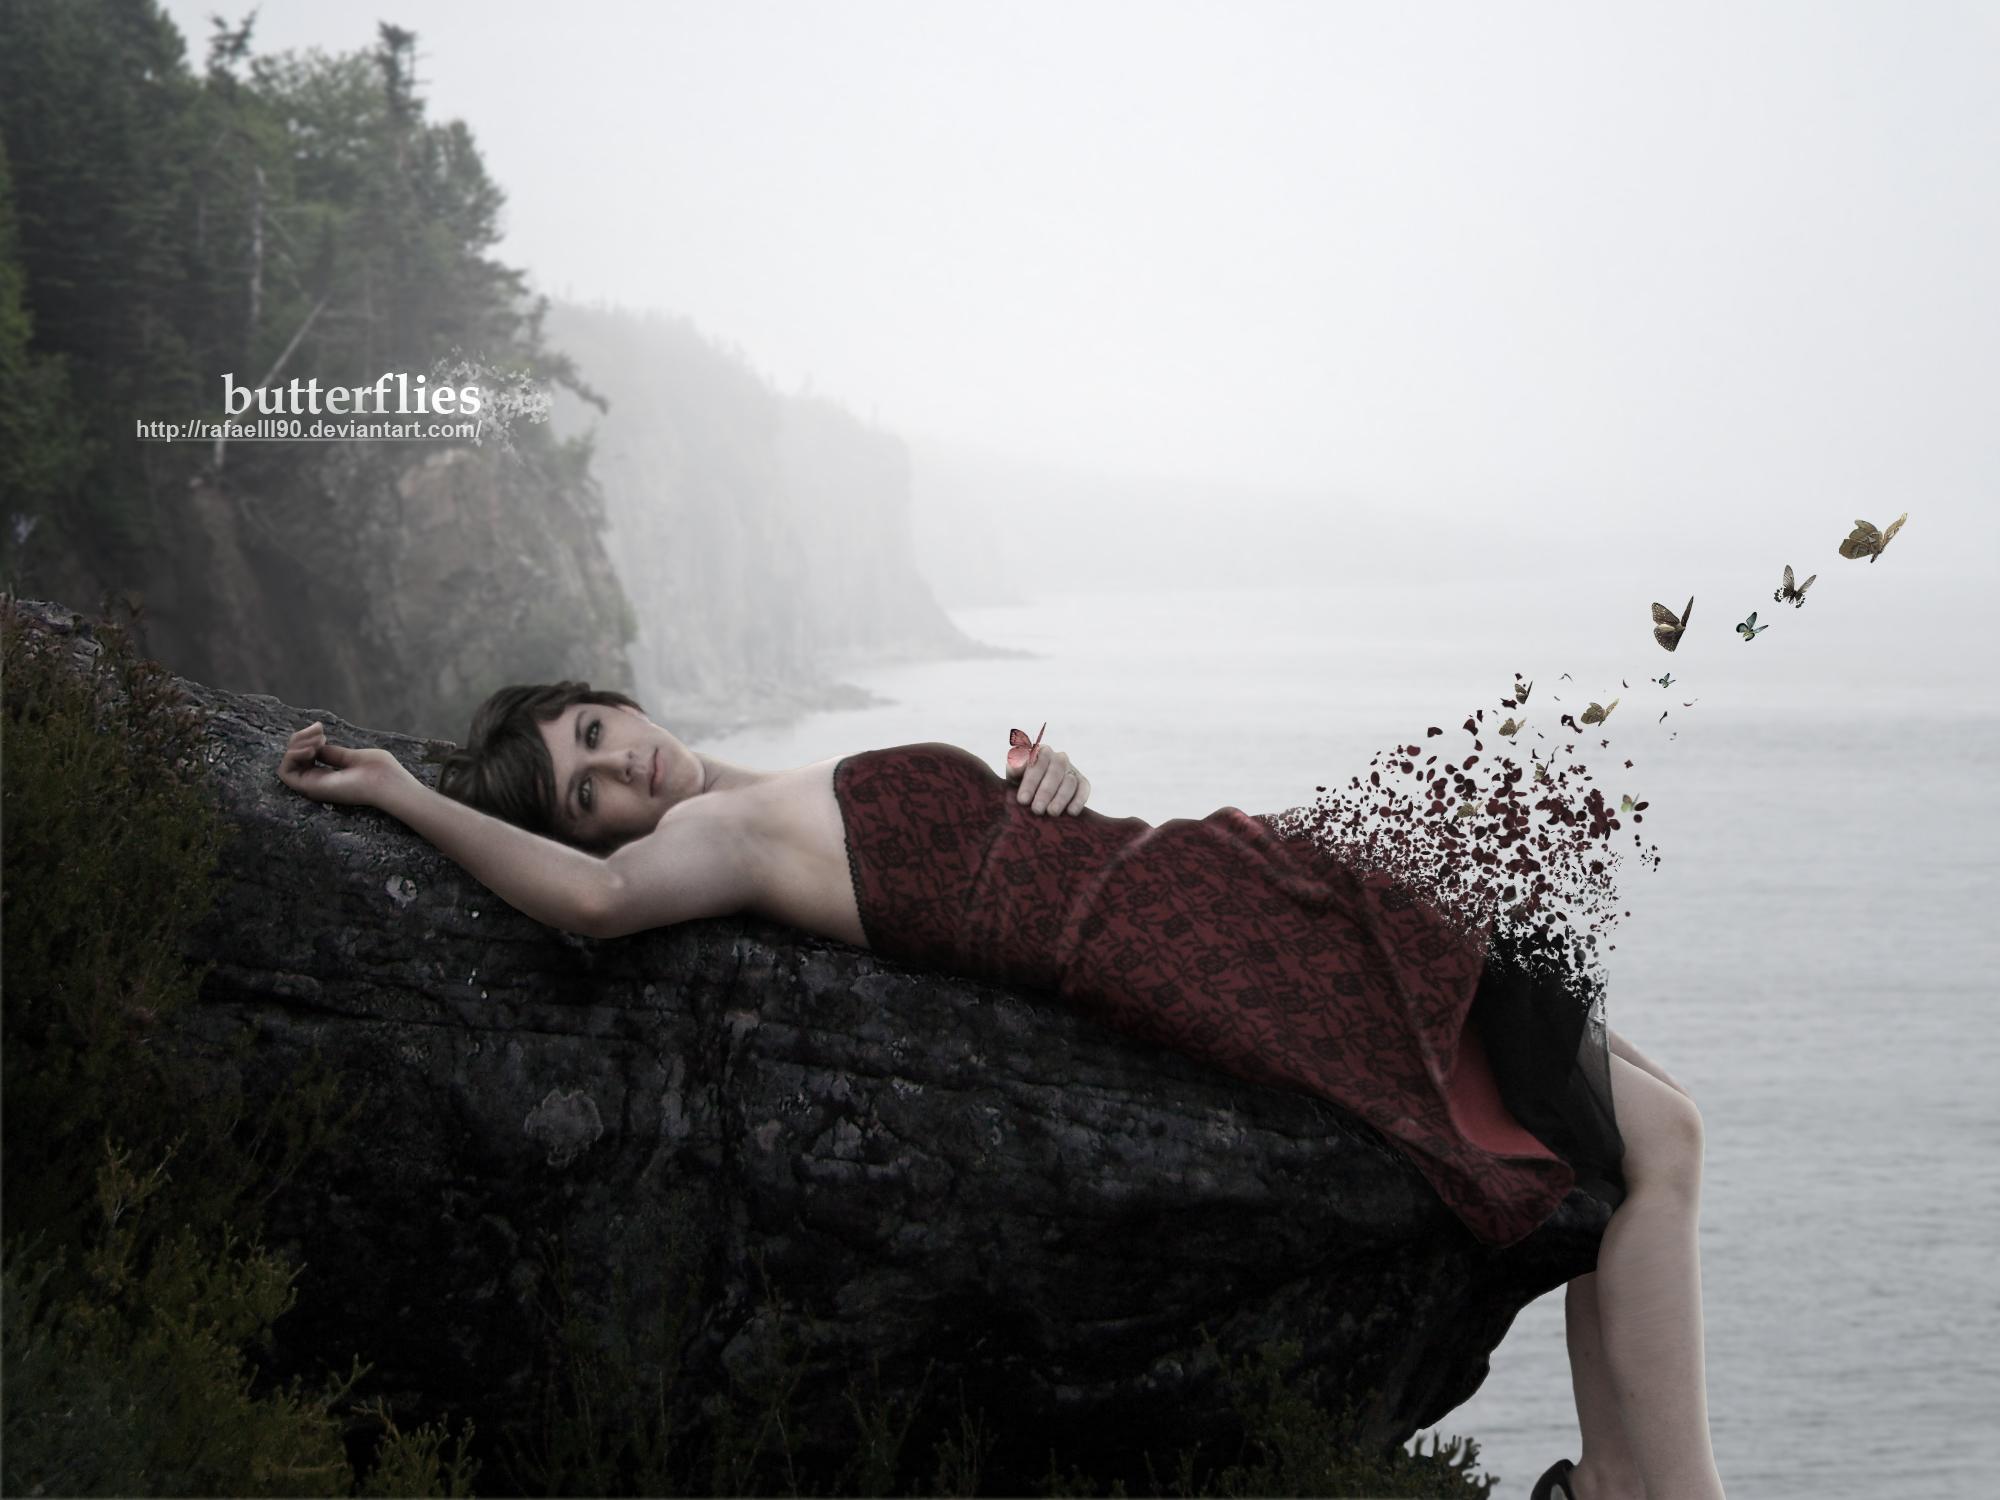 Butterflies by Rafaelll90